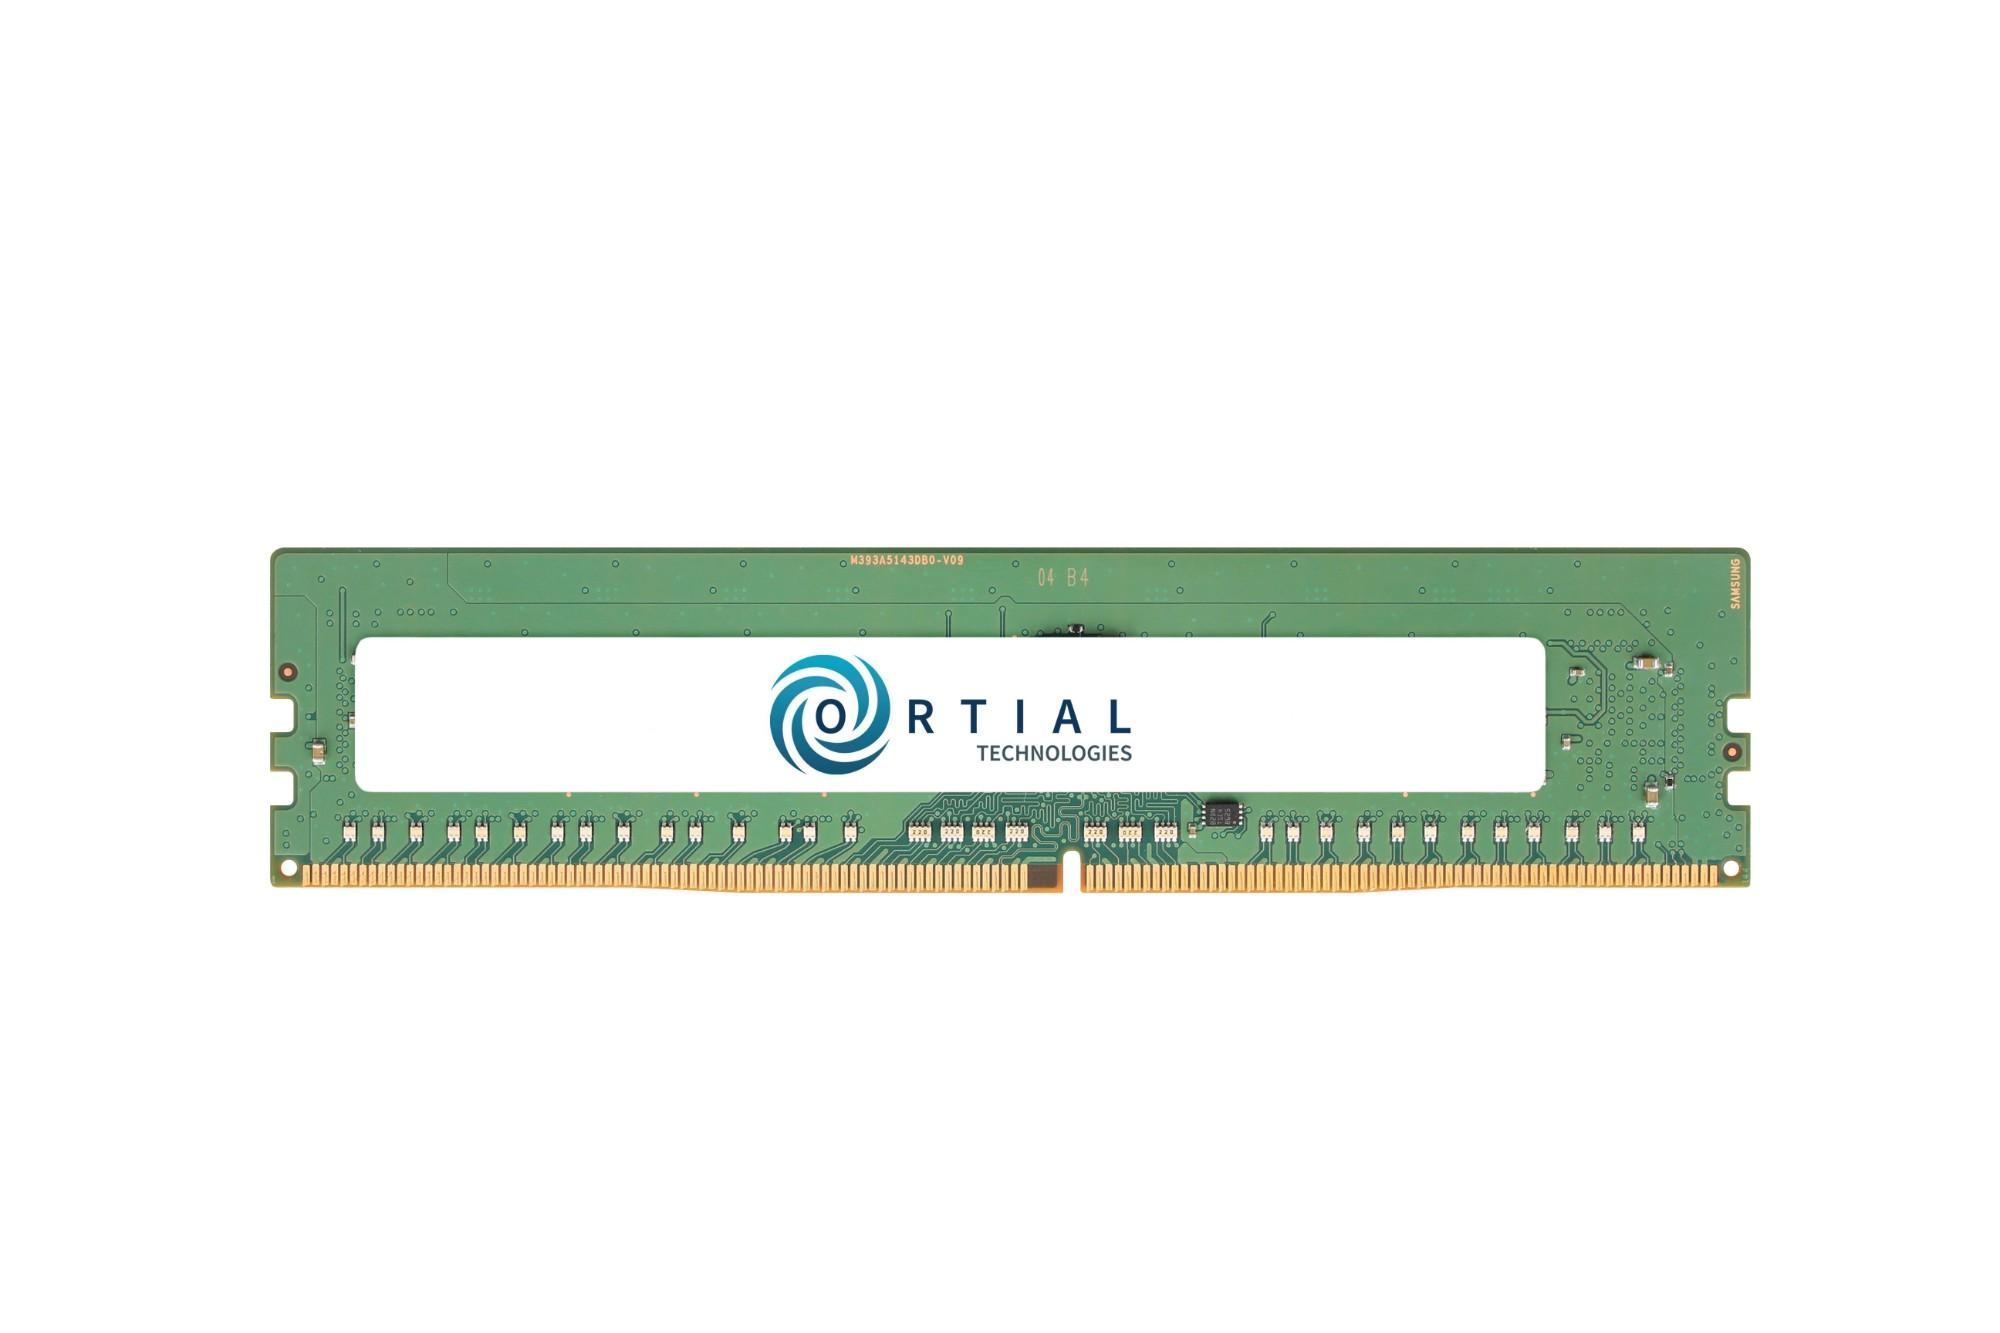 ORTIAL 8GB DDR4 2400 UDIMM